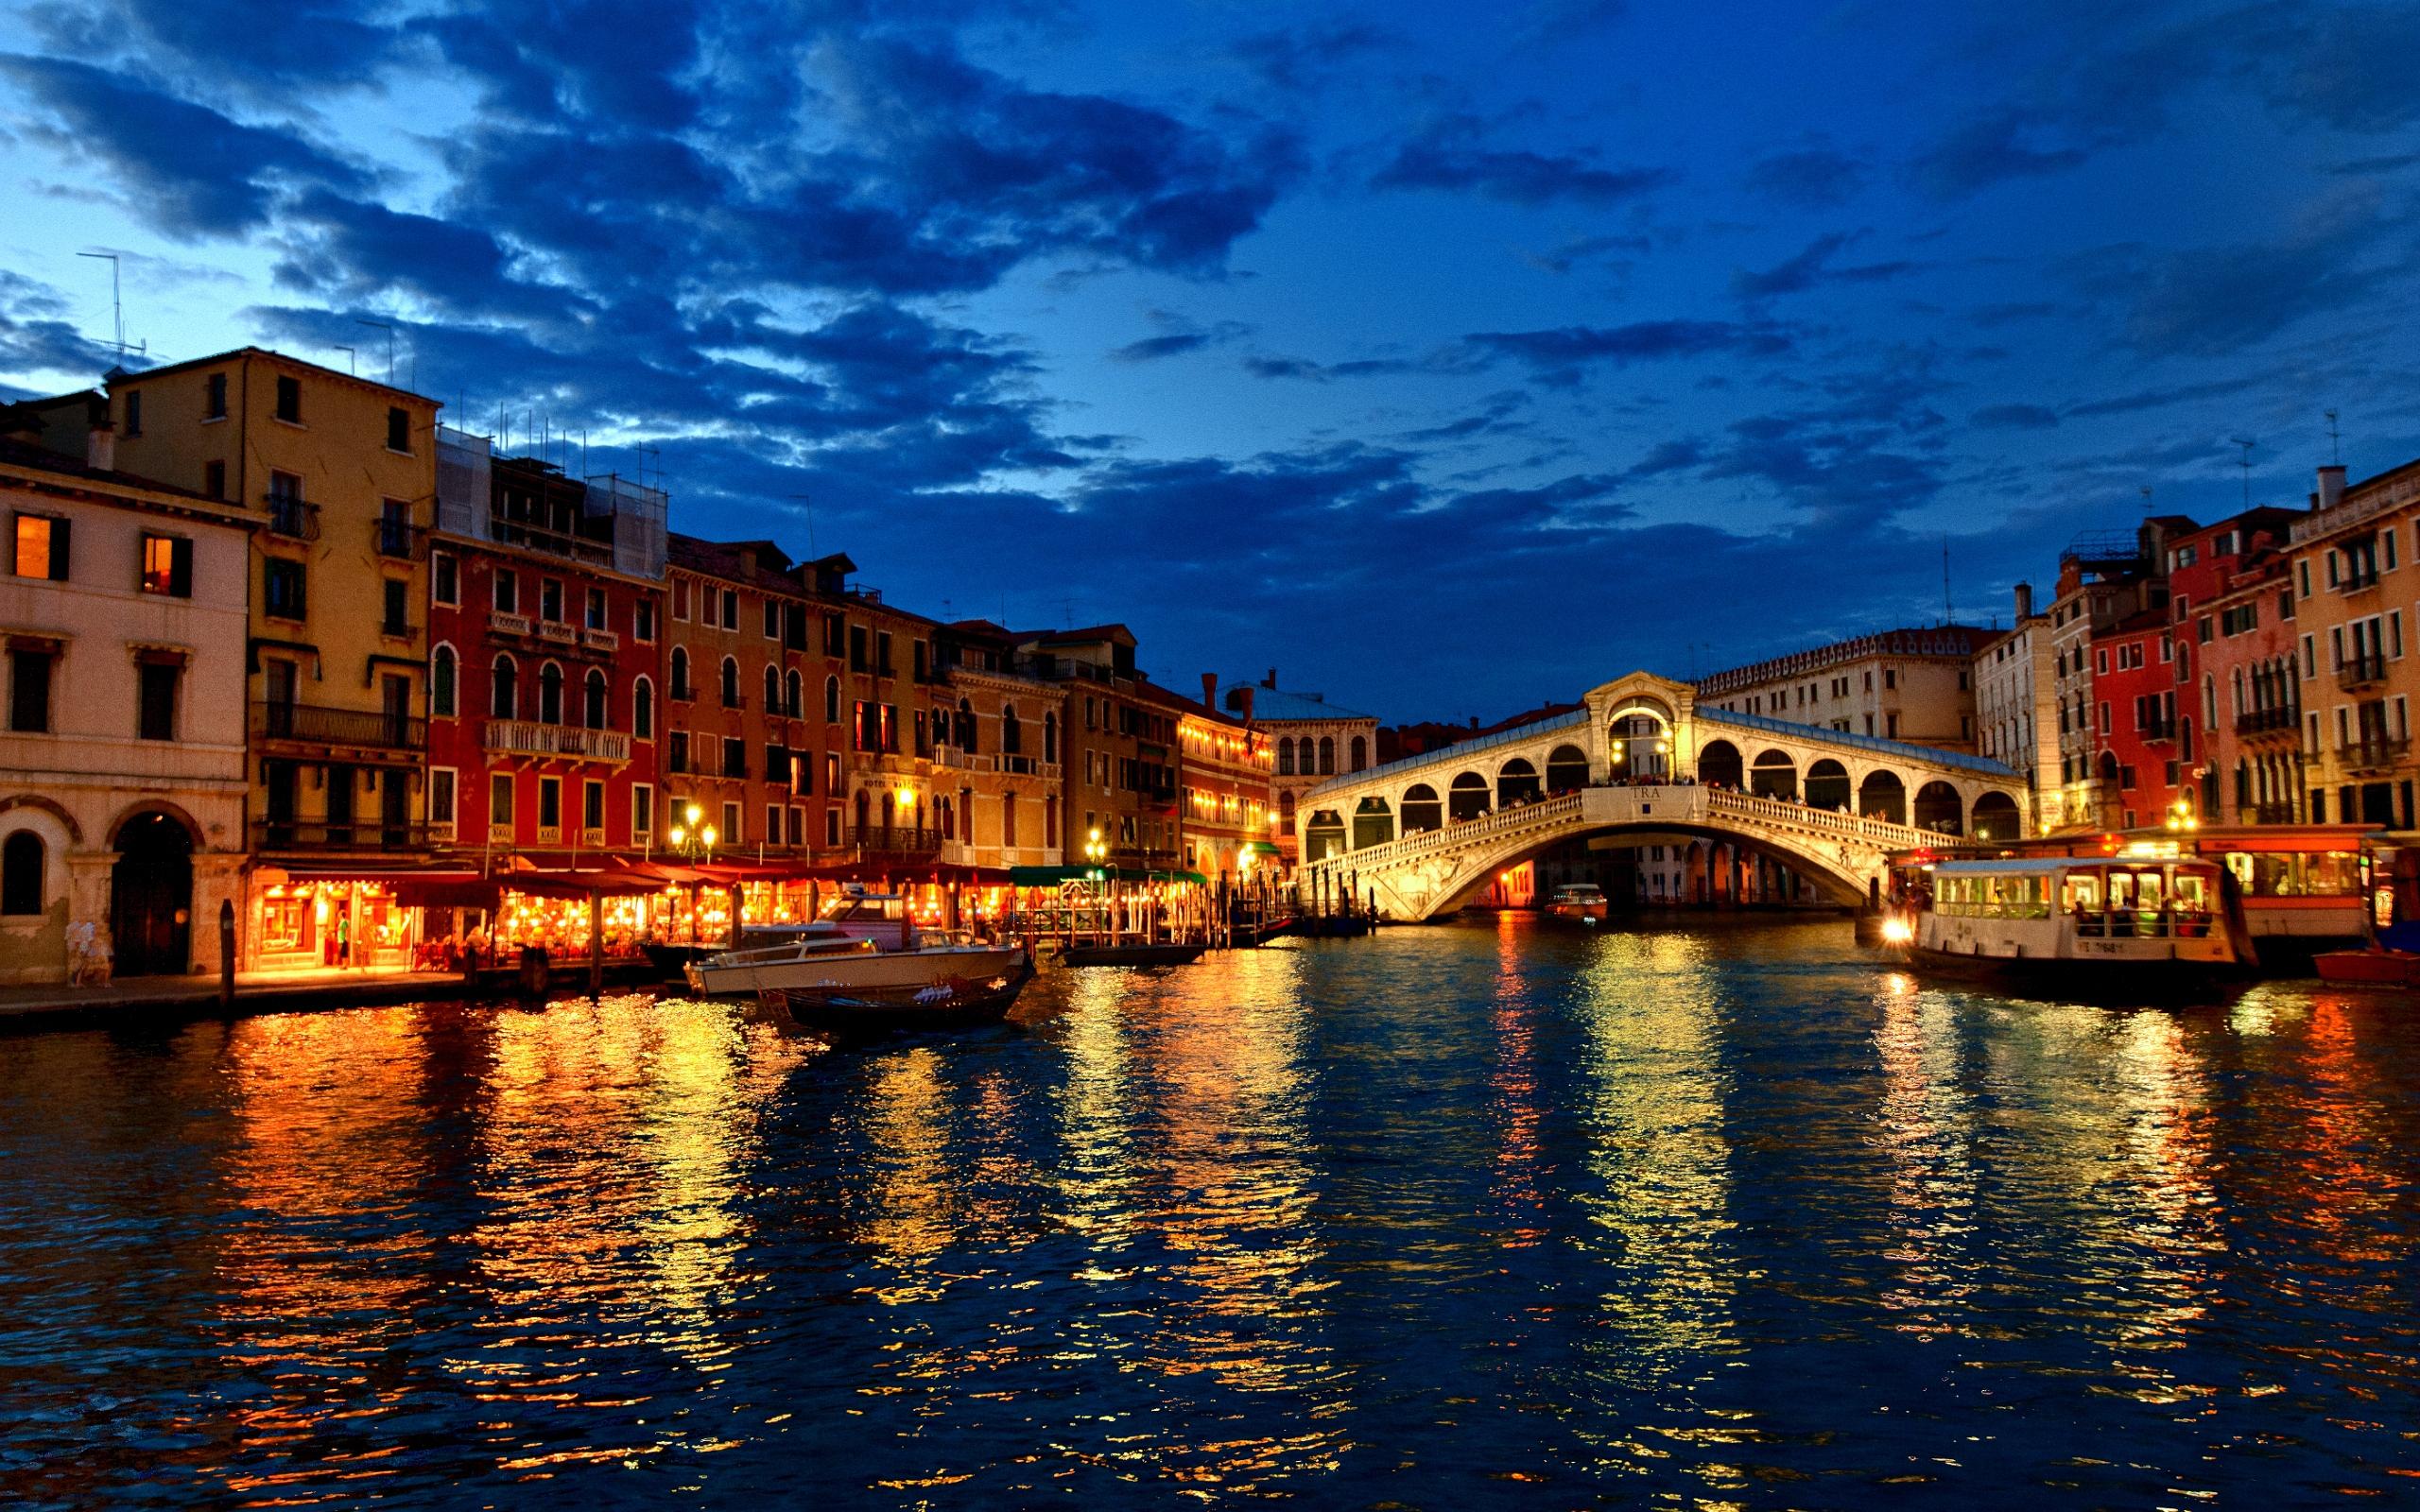 Обои венеция, italy, гондолы, здания, лодки, канал, venice. Города foto 10